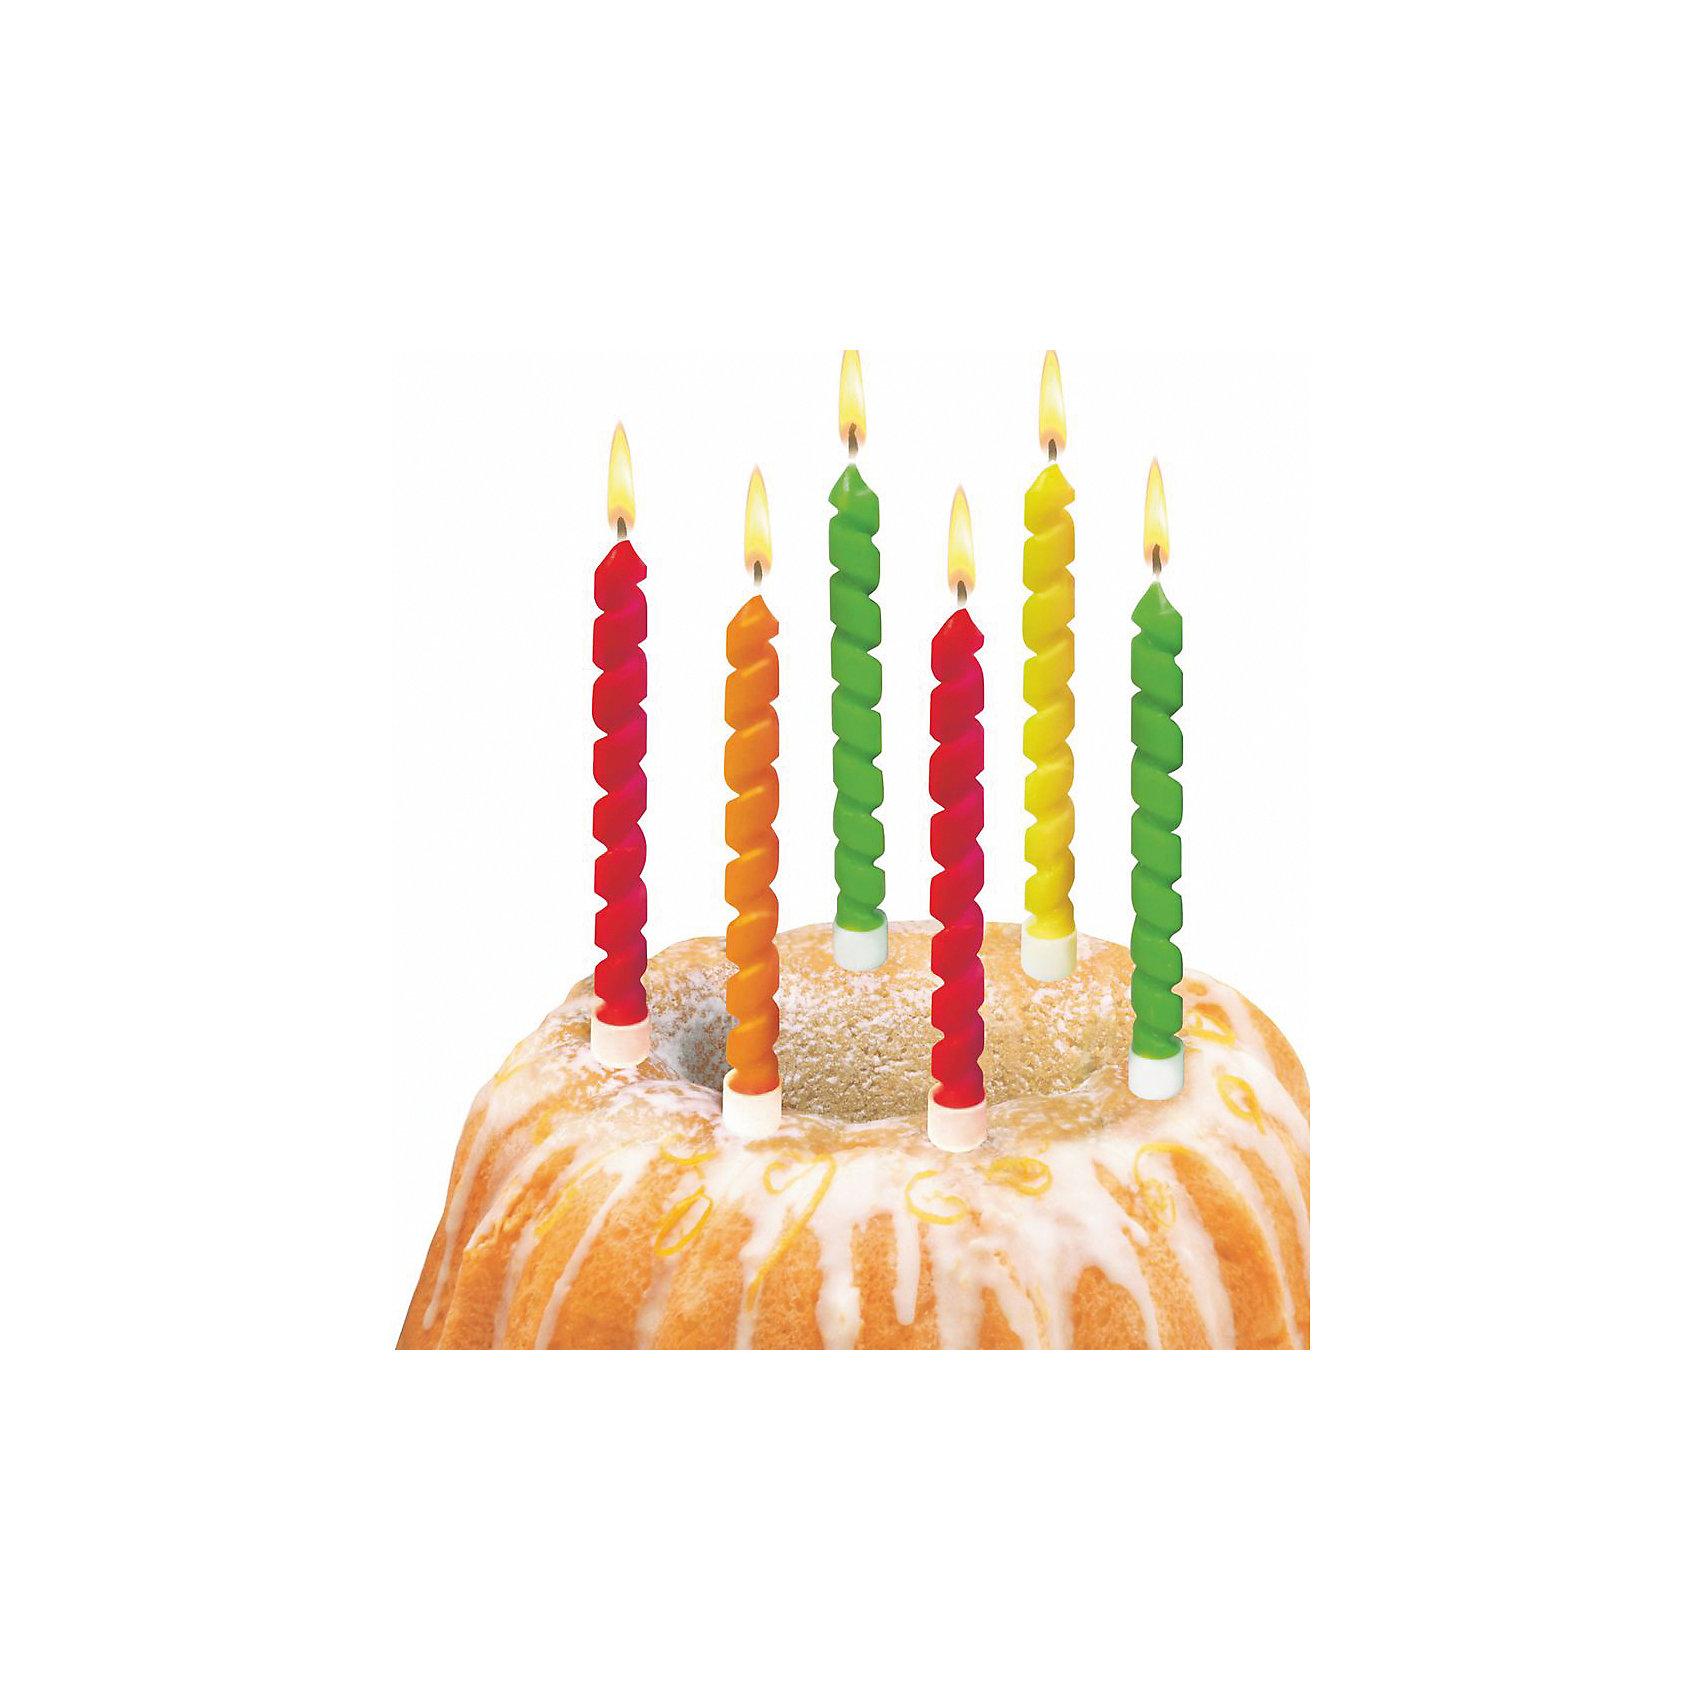 Свечи для торта Twister, 6 шт, блистерДетские свечи для торта<br>Характеристики товара:<br><br>• возраст: от 3 лет<br>• цвет: мульти<br>• размер упаковки: 17х2х20 см<br>• на подсвечниках<br>• комплектация: 6 шт<br>• вес: 50 г<br>• страна бренда: Германия<br>• страна изготовитель: Германия<br><br>Ну что праздник без торта? А что за торт без свечек? Яркие свечи Herlitz для торта создадут атмосферу праздника и подарят массу положительных эмоций.<br><br>Изделие произведено из безопасного для детей материала.<br><br>Свечи для торта «Twister» 6 шт, блистер, от бренда Herlitz (Херлиц) можно купить в нашем интернет-магазине.<br><br>Ширина мм: 17<br>Глубина мм: 90<br>Высота мм: 200<br>Вес г: 50<br>Возраст от месяцев: 36<br>Возраст до месяцев: 2147483647<br>Пол: Унисекс<br>Возраст: Детский<br>SKU: 6886484